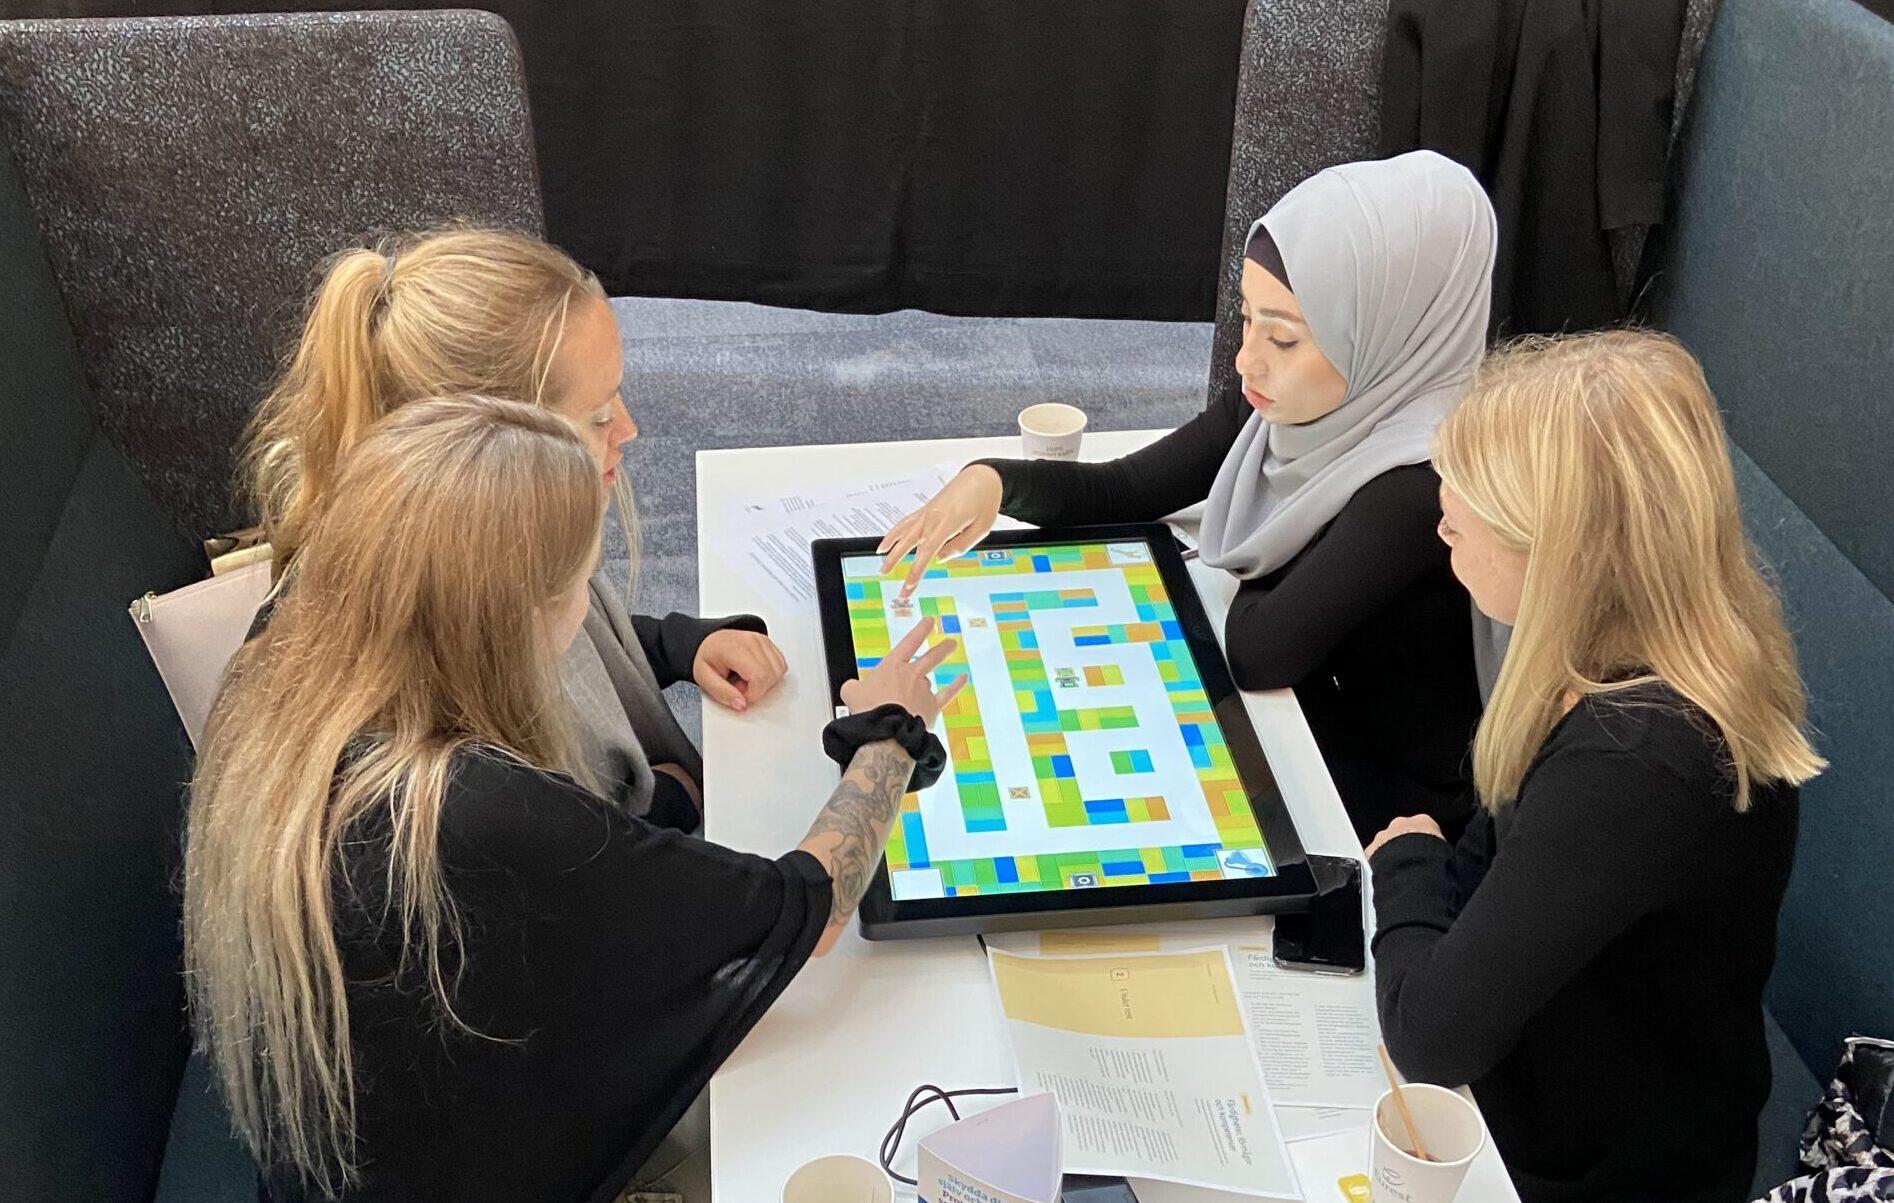 Edtechbolag i samarbete med lärarhögskola vässar lärarstudenters digitala kompetens